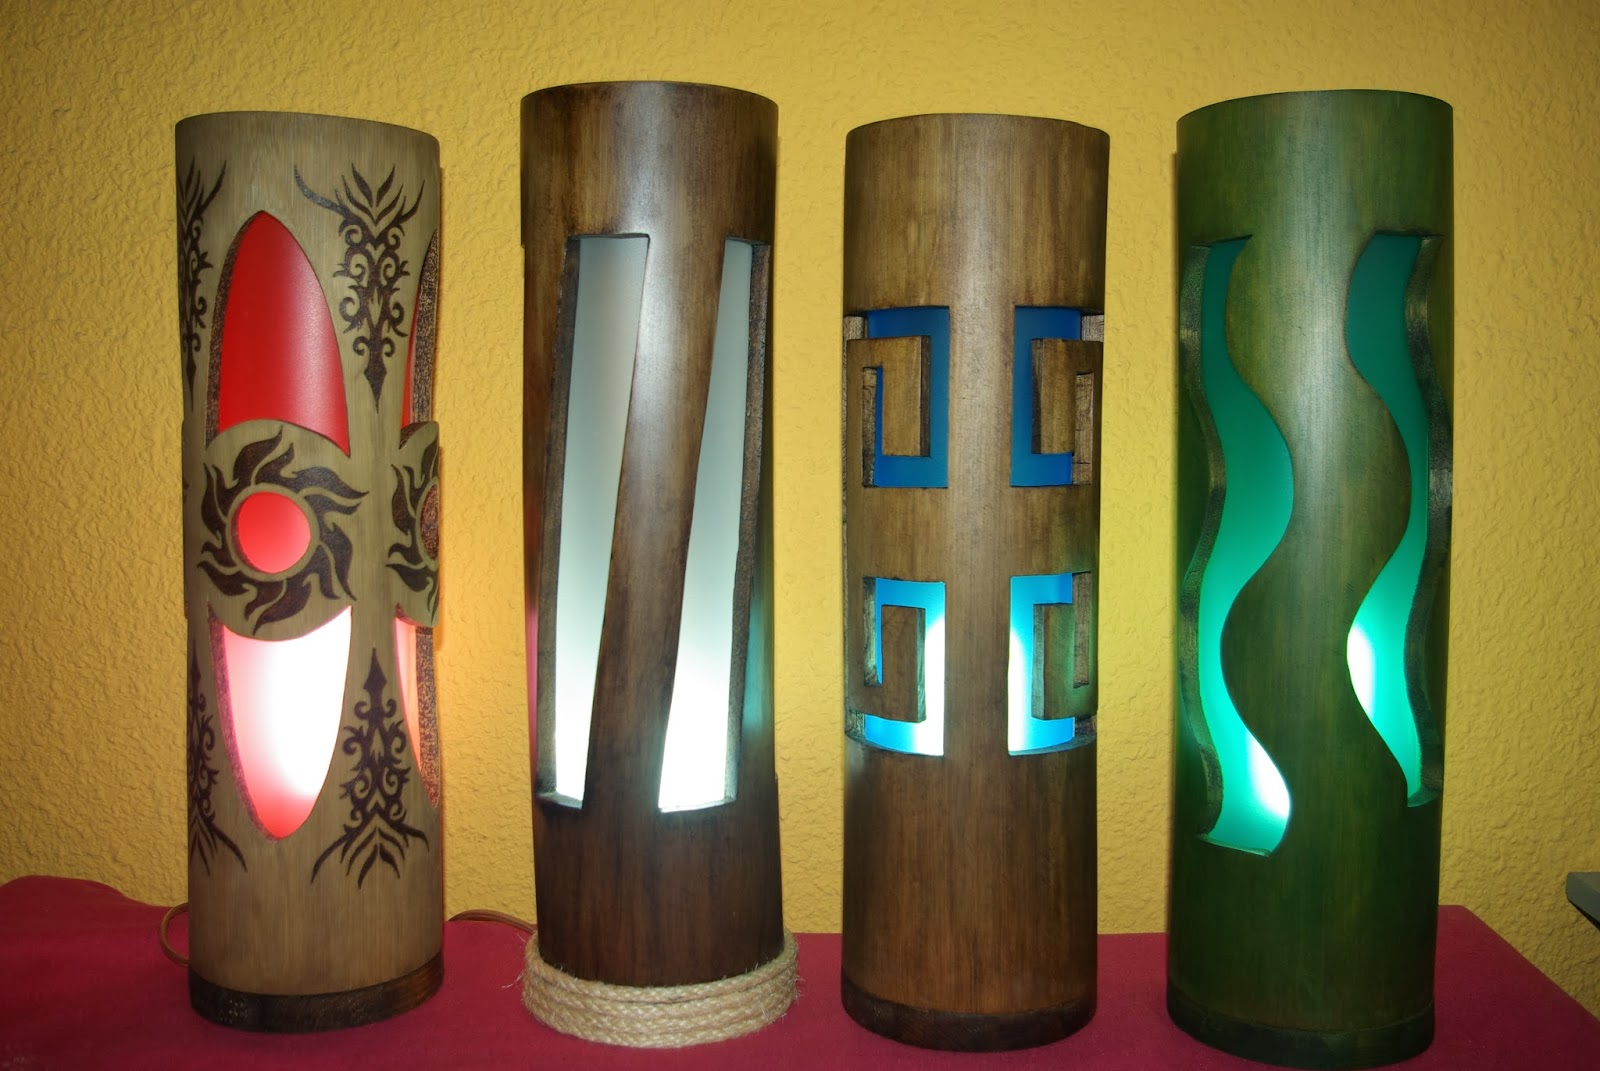 Tamarin2art lamparas de bamb 100 artesanales - Lamparas de pie artesanales ...